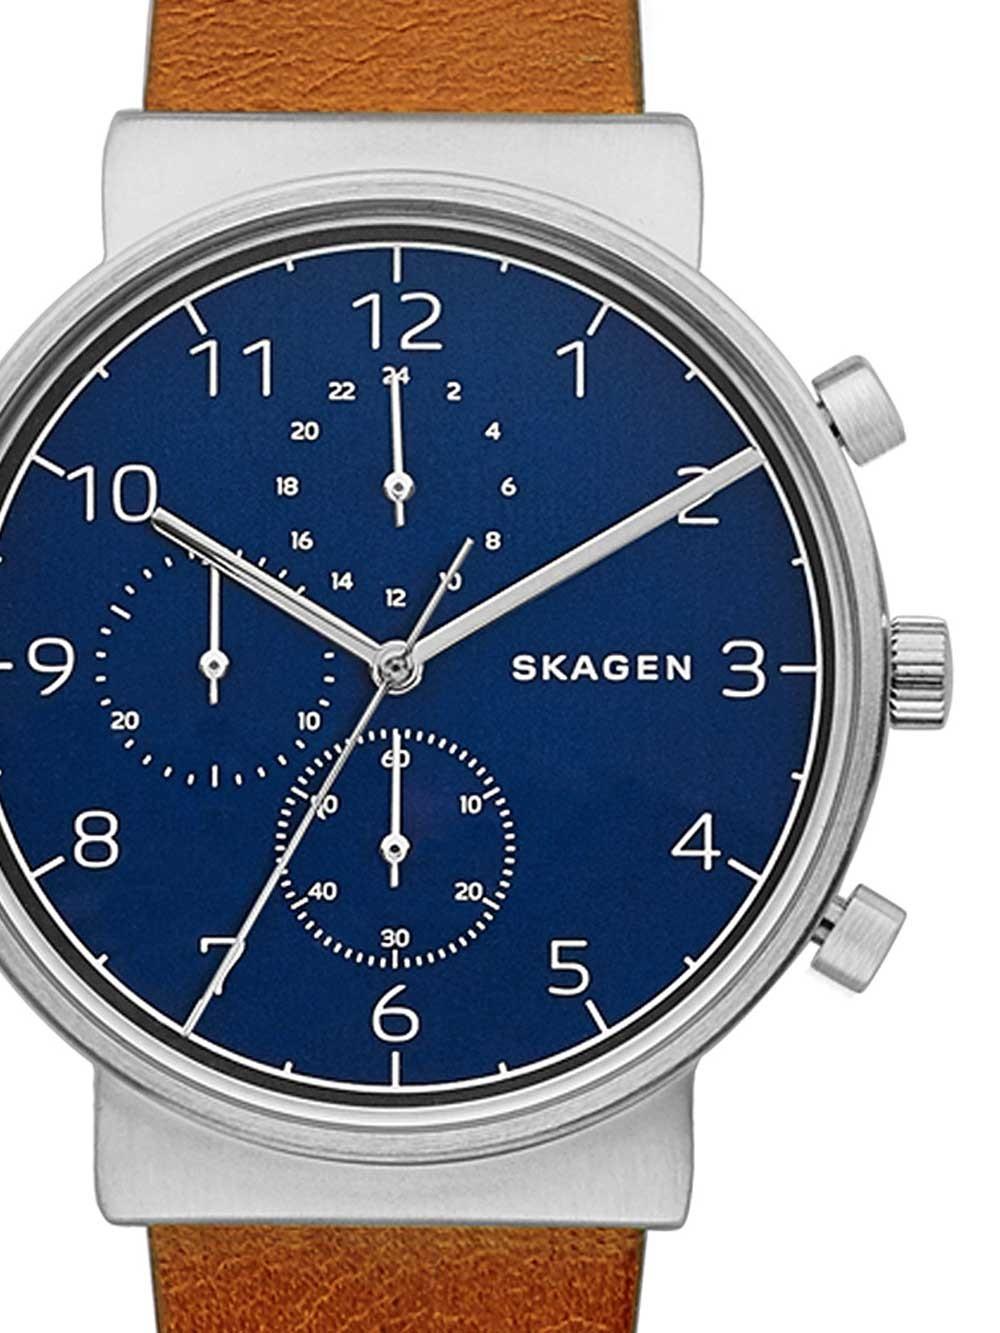 Ceas barbatesc Skagen SKW6358 40mm 5ATM